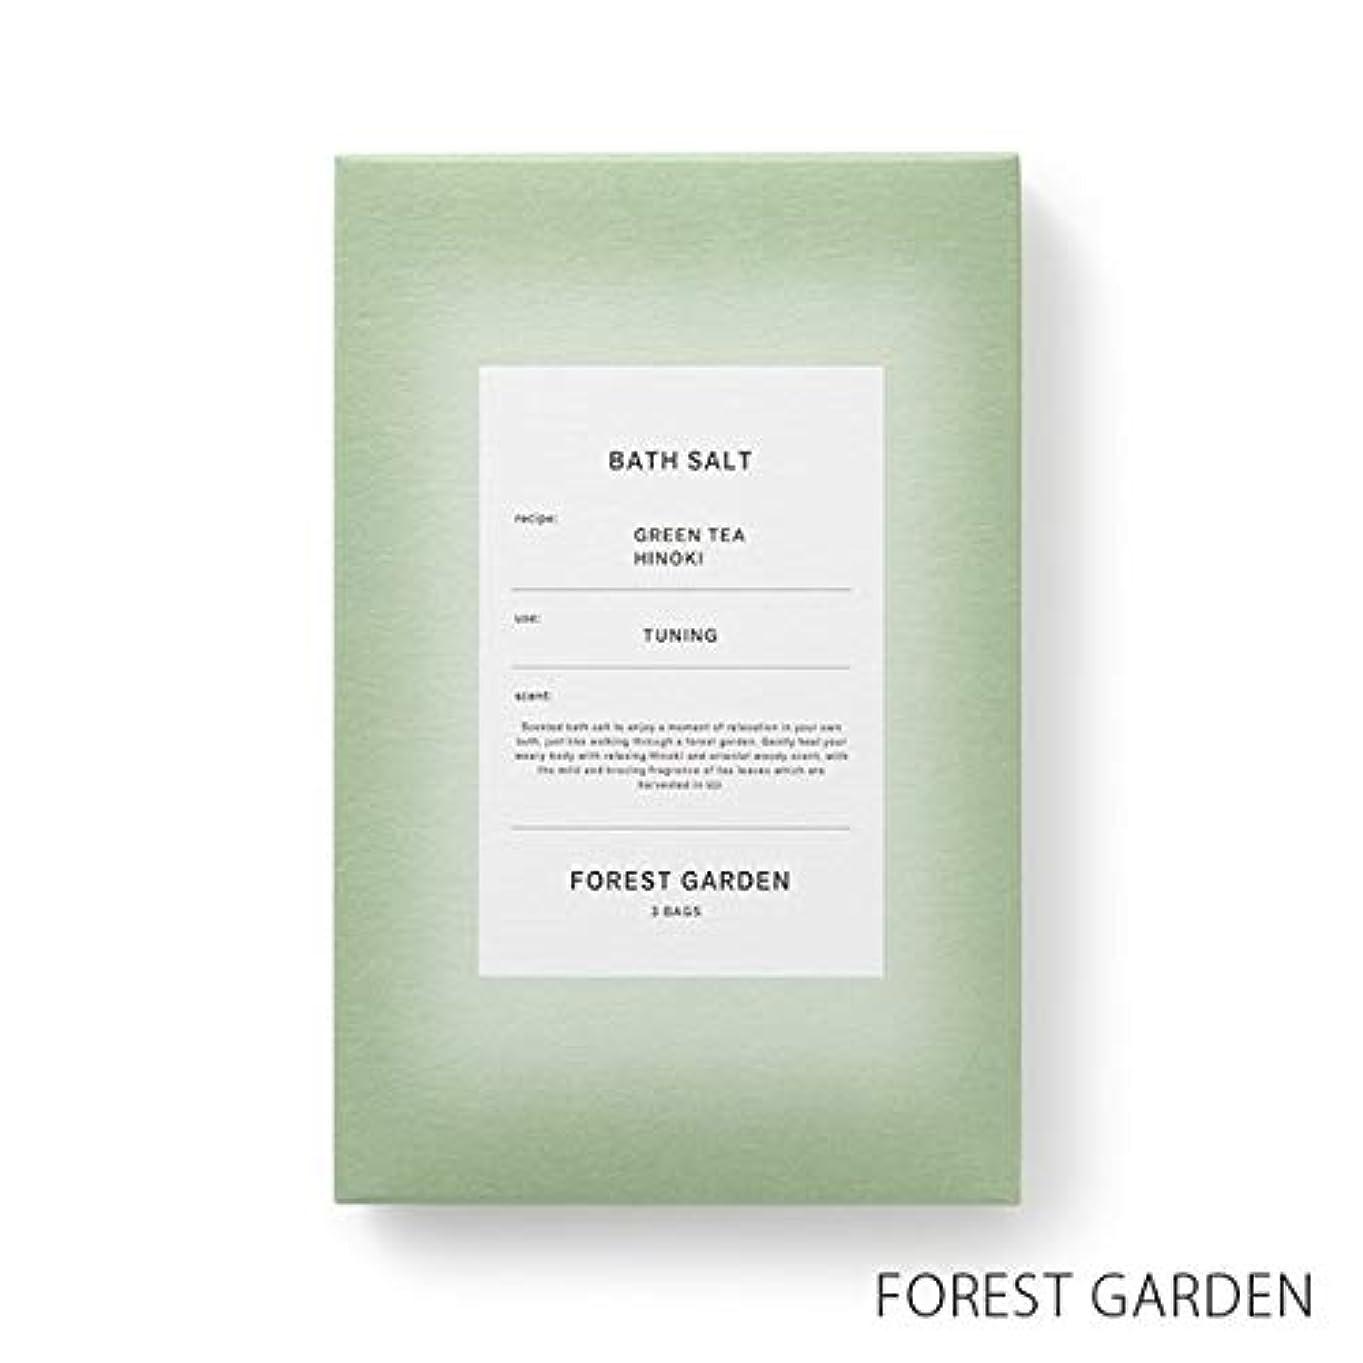 可能にする非効率的な夜間【薫玉堂】 バスソルト FOREST GARDEN 森の庭 緑 和 宇治茶の香り